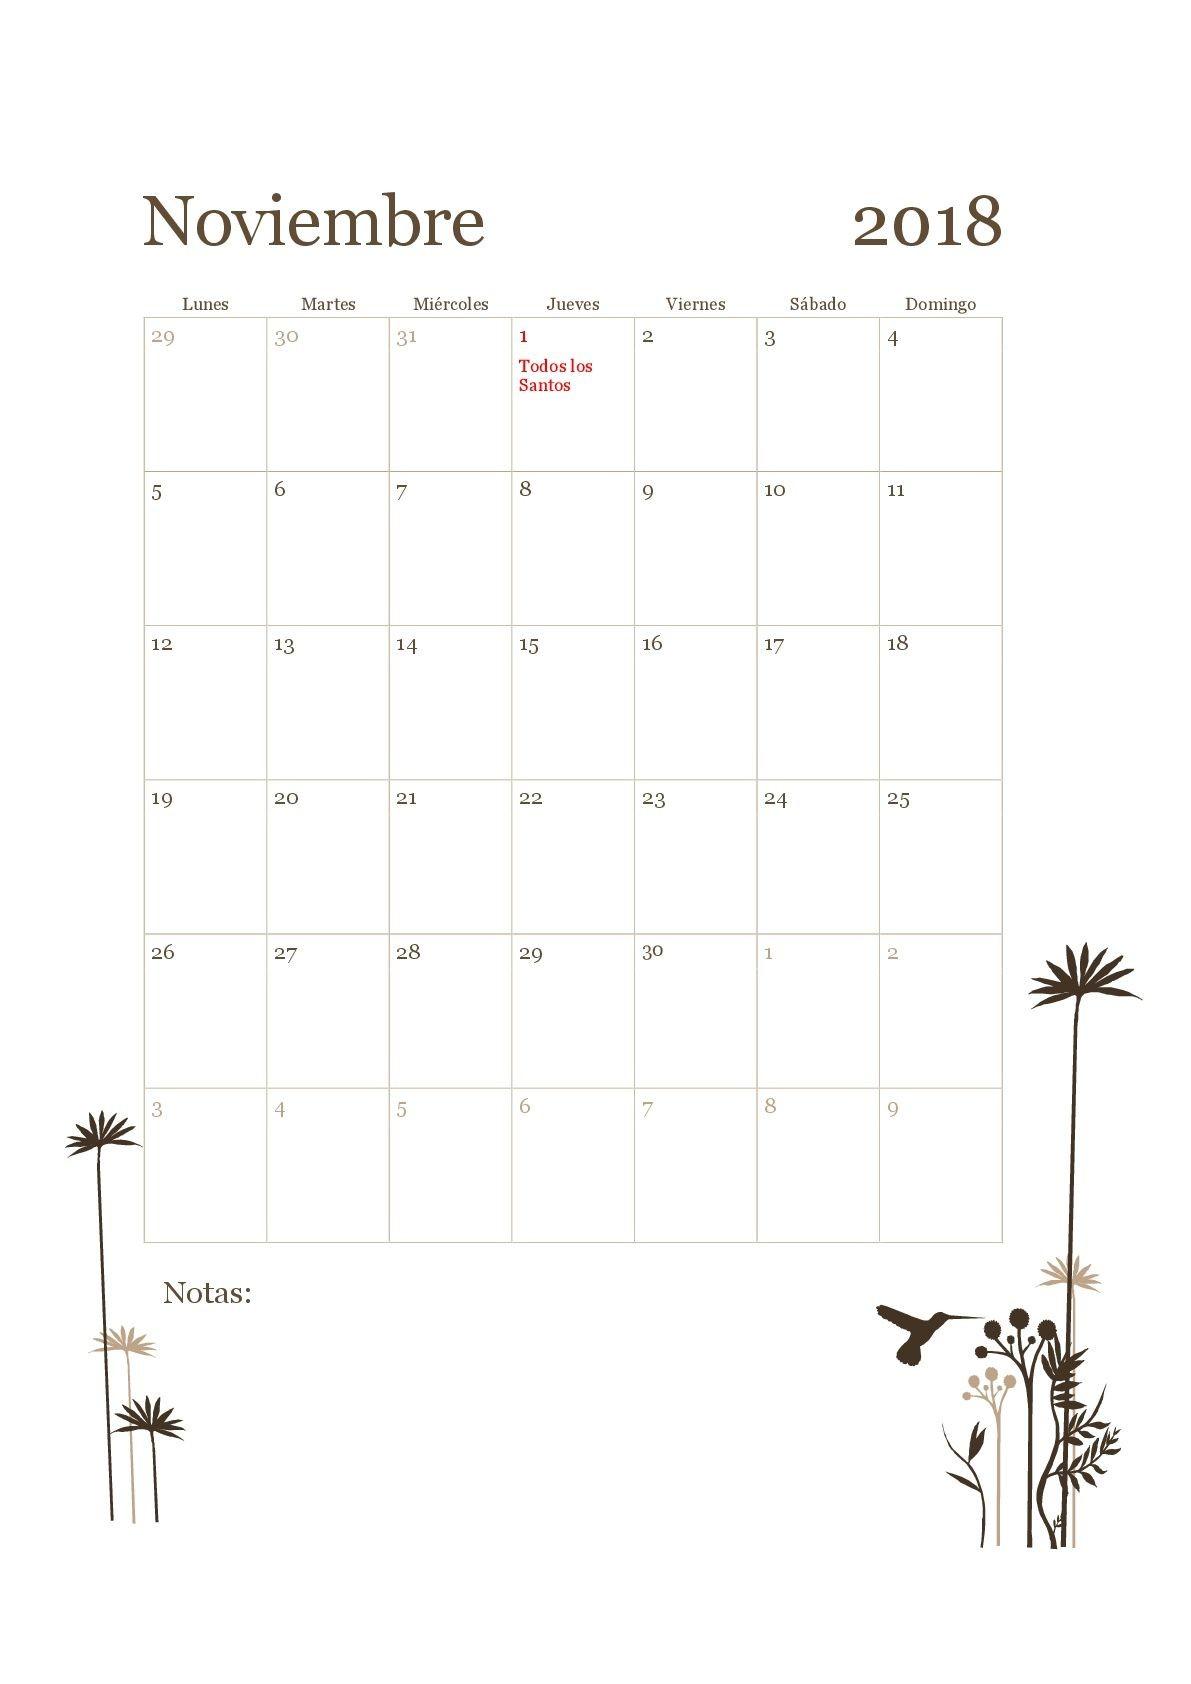 Calendario 2019 Argentina Oficial Para Imprimir Más Recientemente Liberado Mejores 13 Imágenes De Calendario Laboral Registro Empleados En Of Calendario 2019 Argentina Oficial Para Imprimir Más Reciente Fotoleones